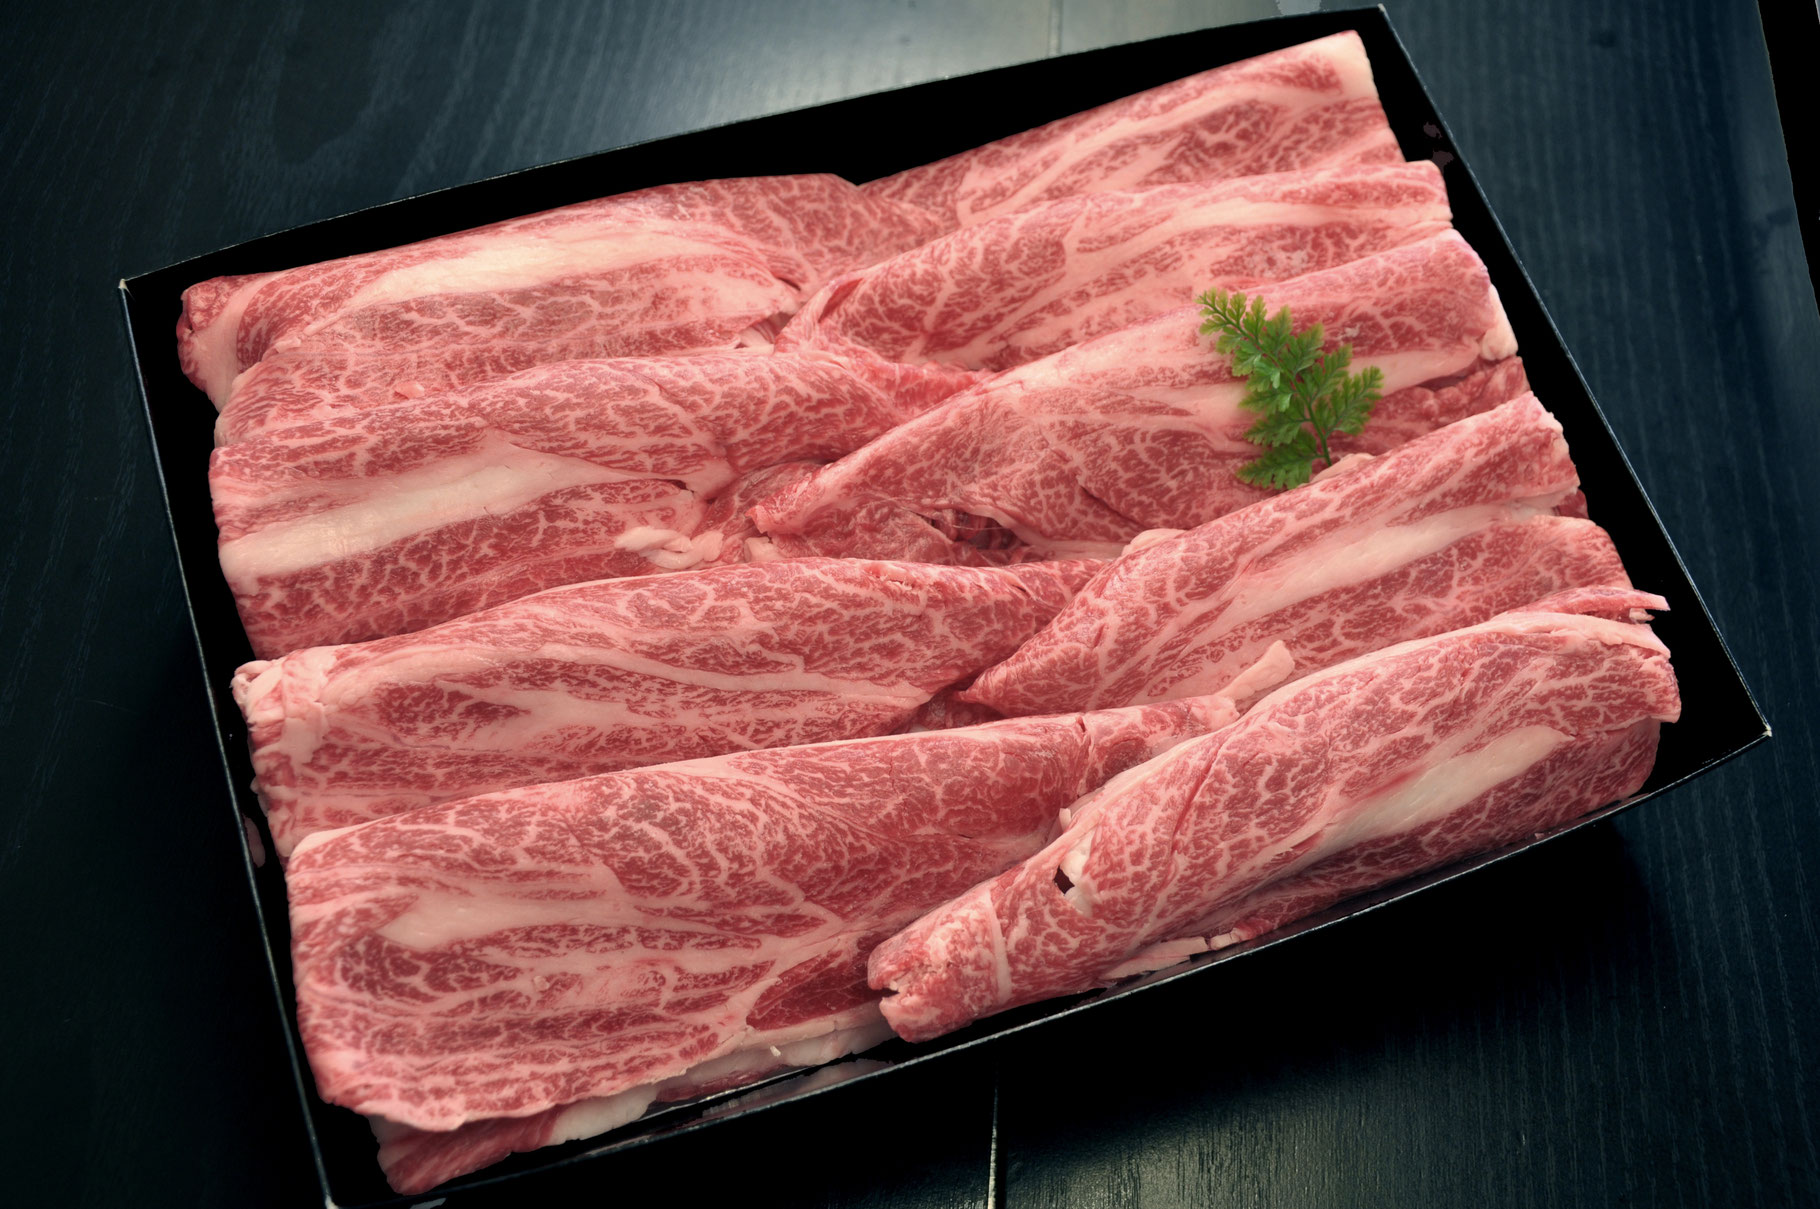 【神奈川県】相州牛カタロースうす切り600g